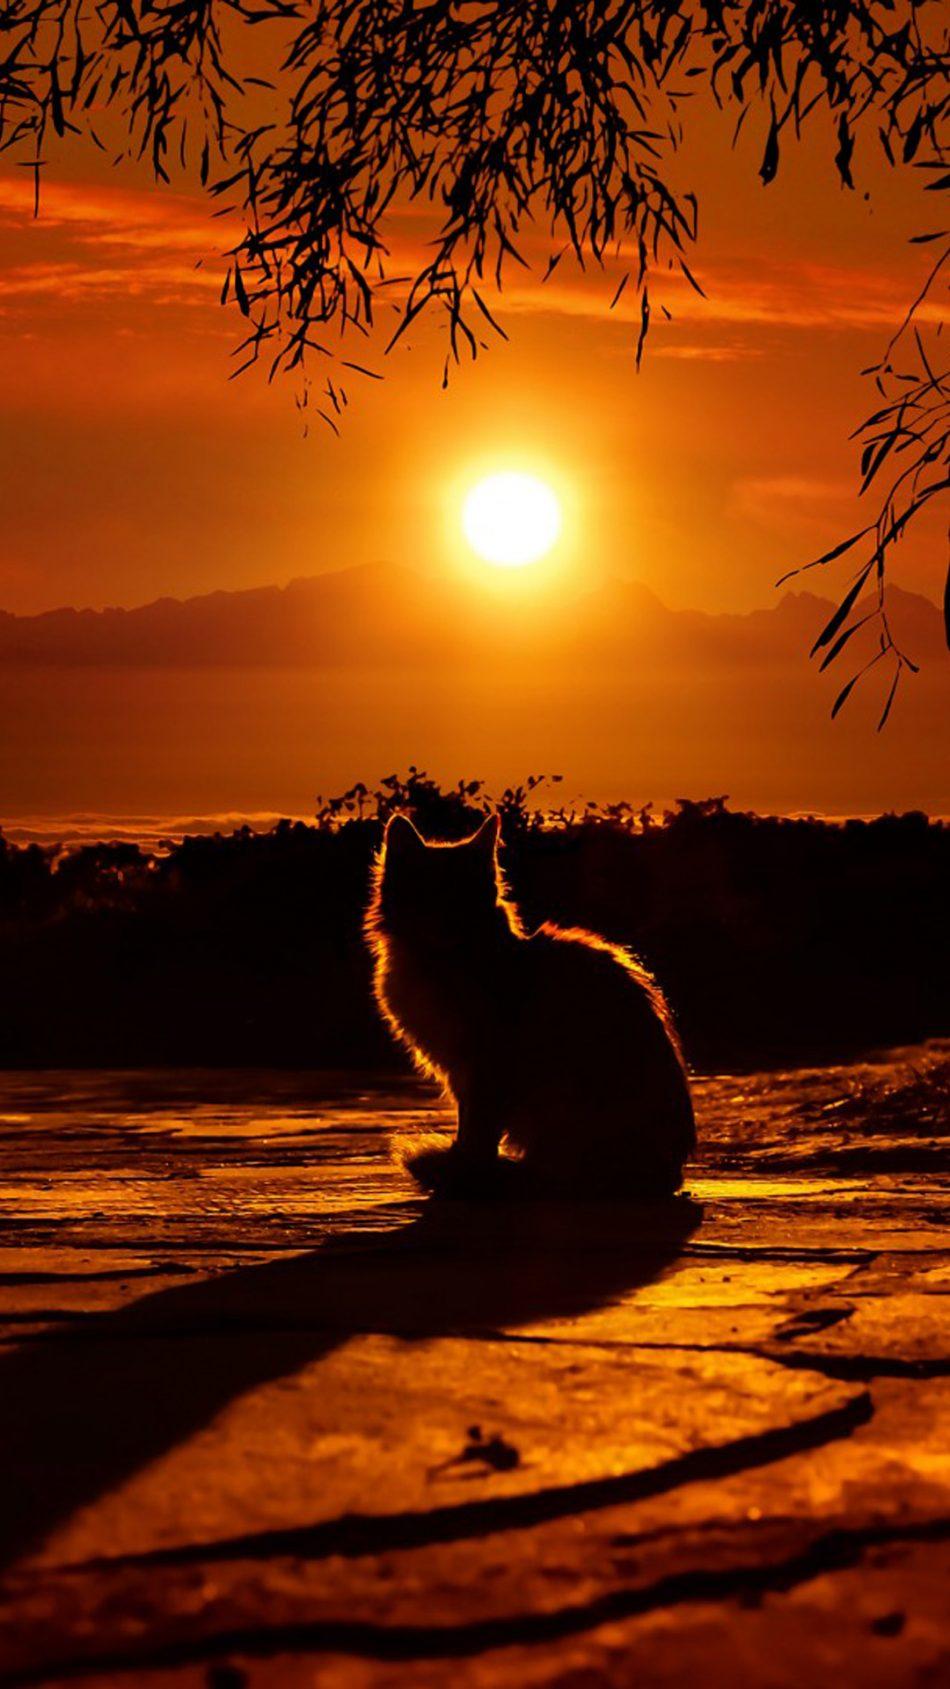 Cat Enjoying Sunset Hd Mobile Wallpaper - Sunset Wallpaper Iphone 4k - HD Wallpaper